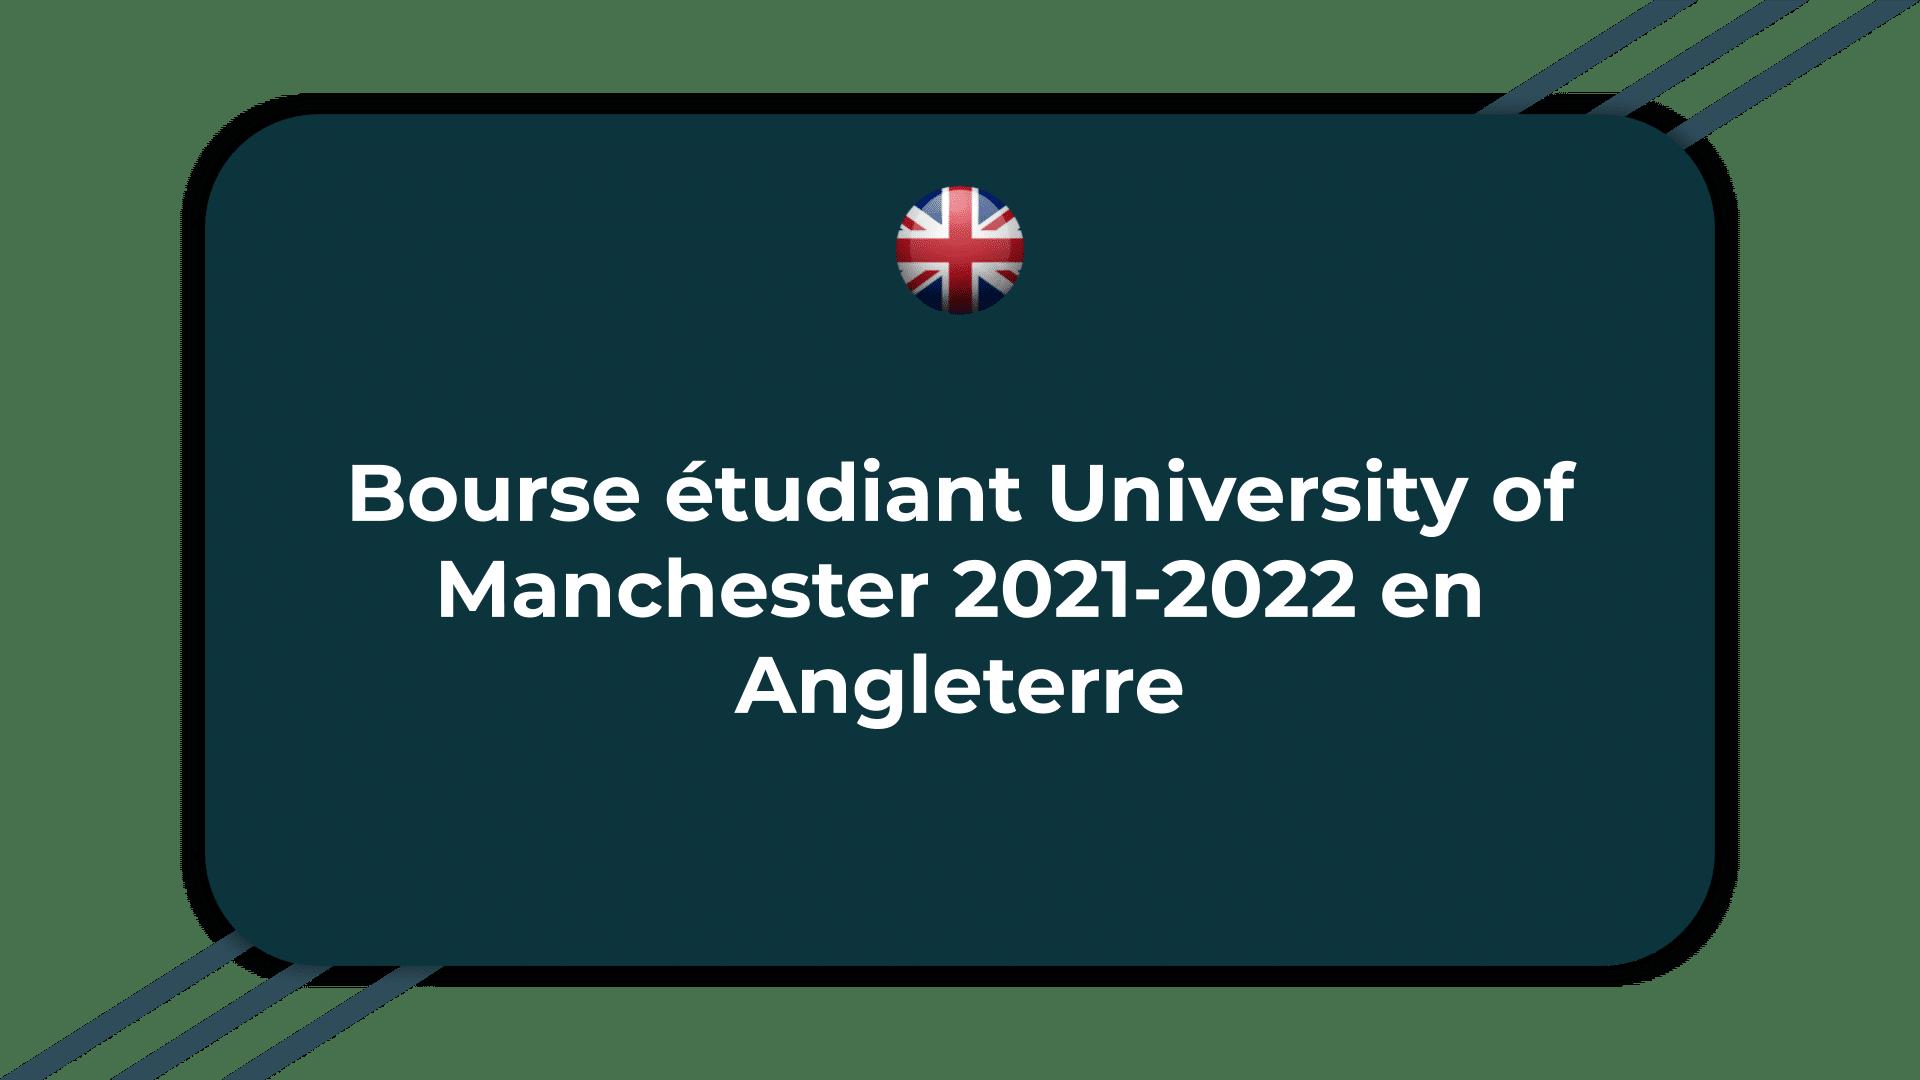 Bourse étudiant University of Manchester